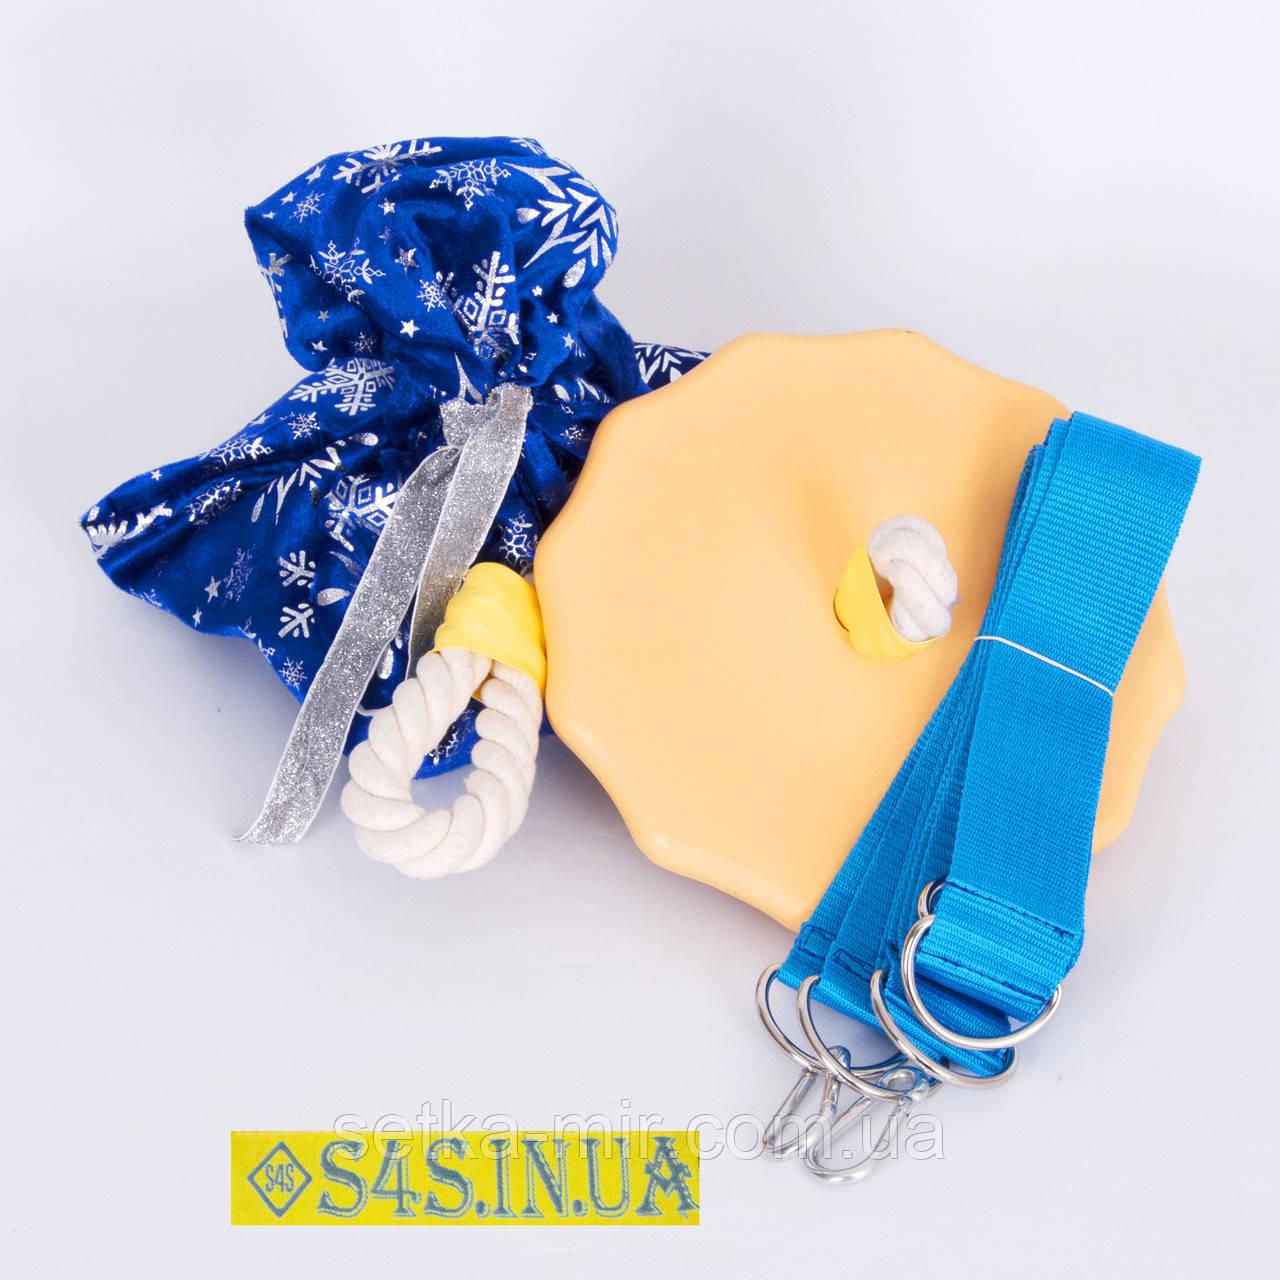 Подарок Детские качели тарзанка для улицы, подвесные из дерева «ЭЛИТ», золото, в подарочной упаковке